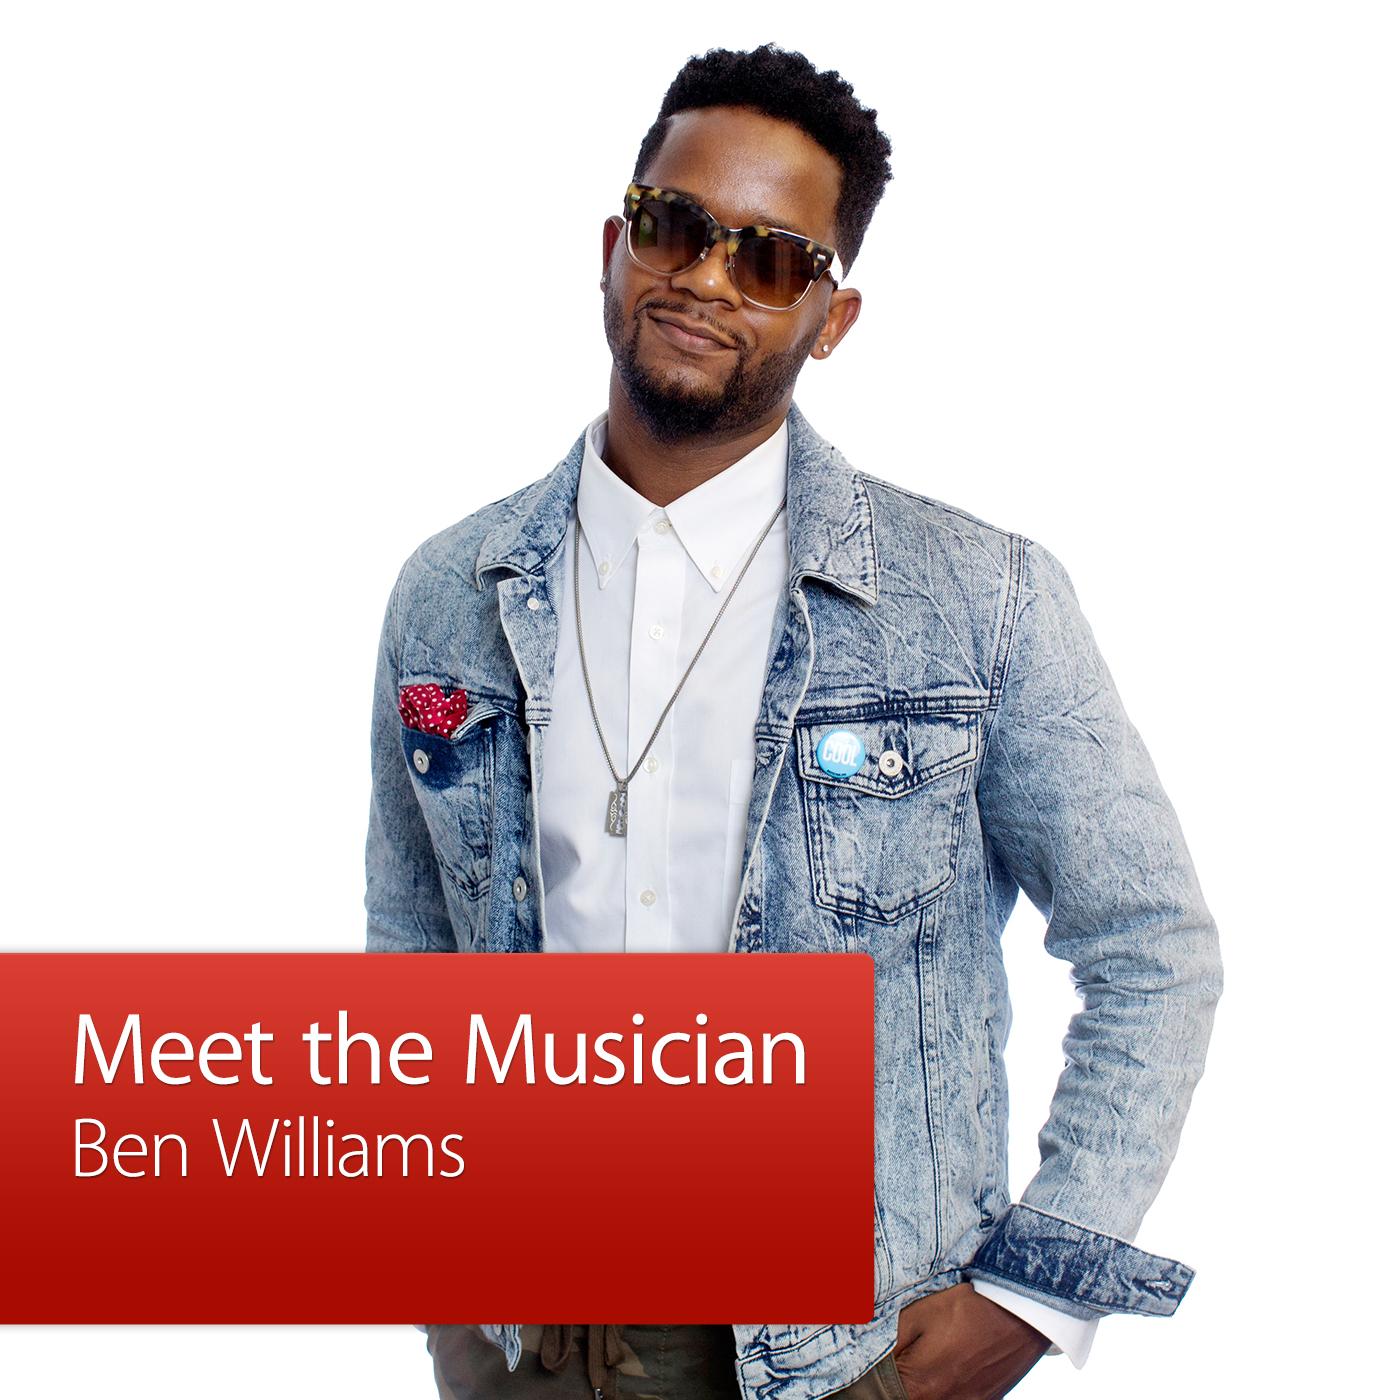 Ben Williams: Meet the Musician